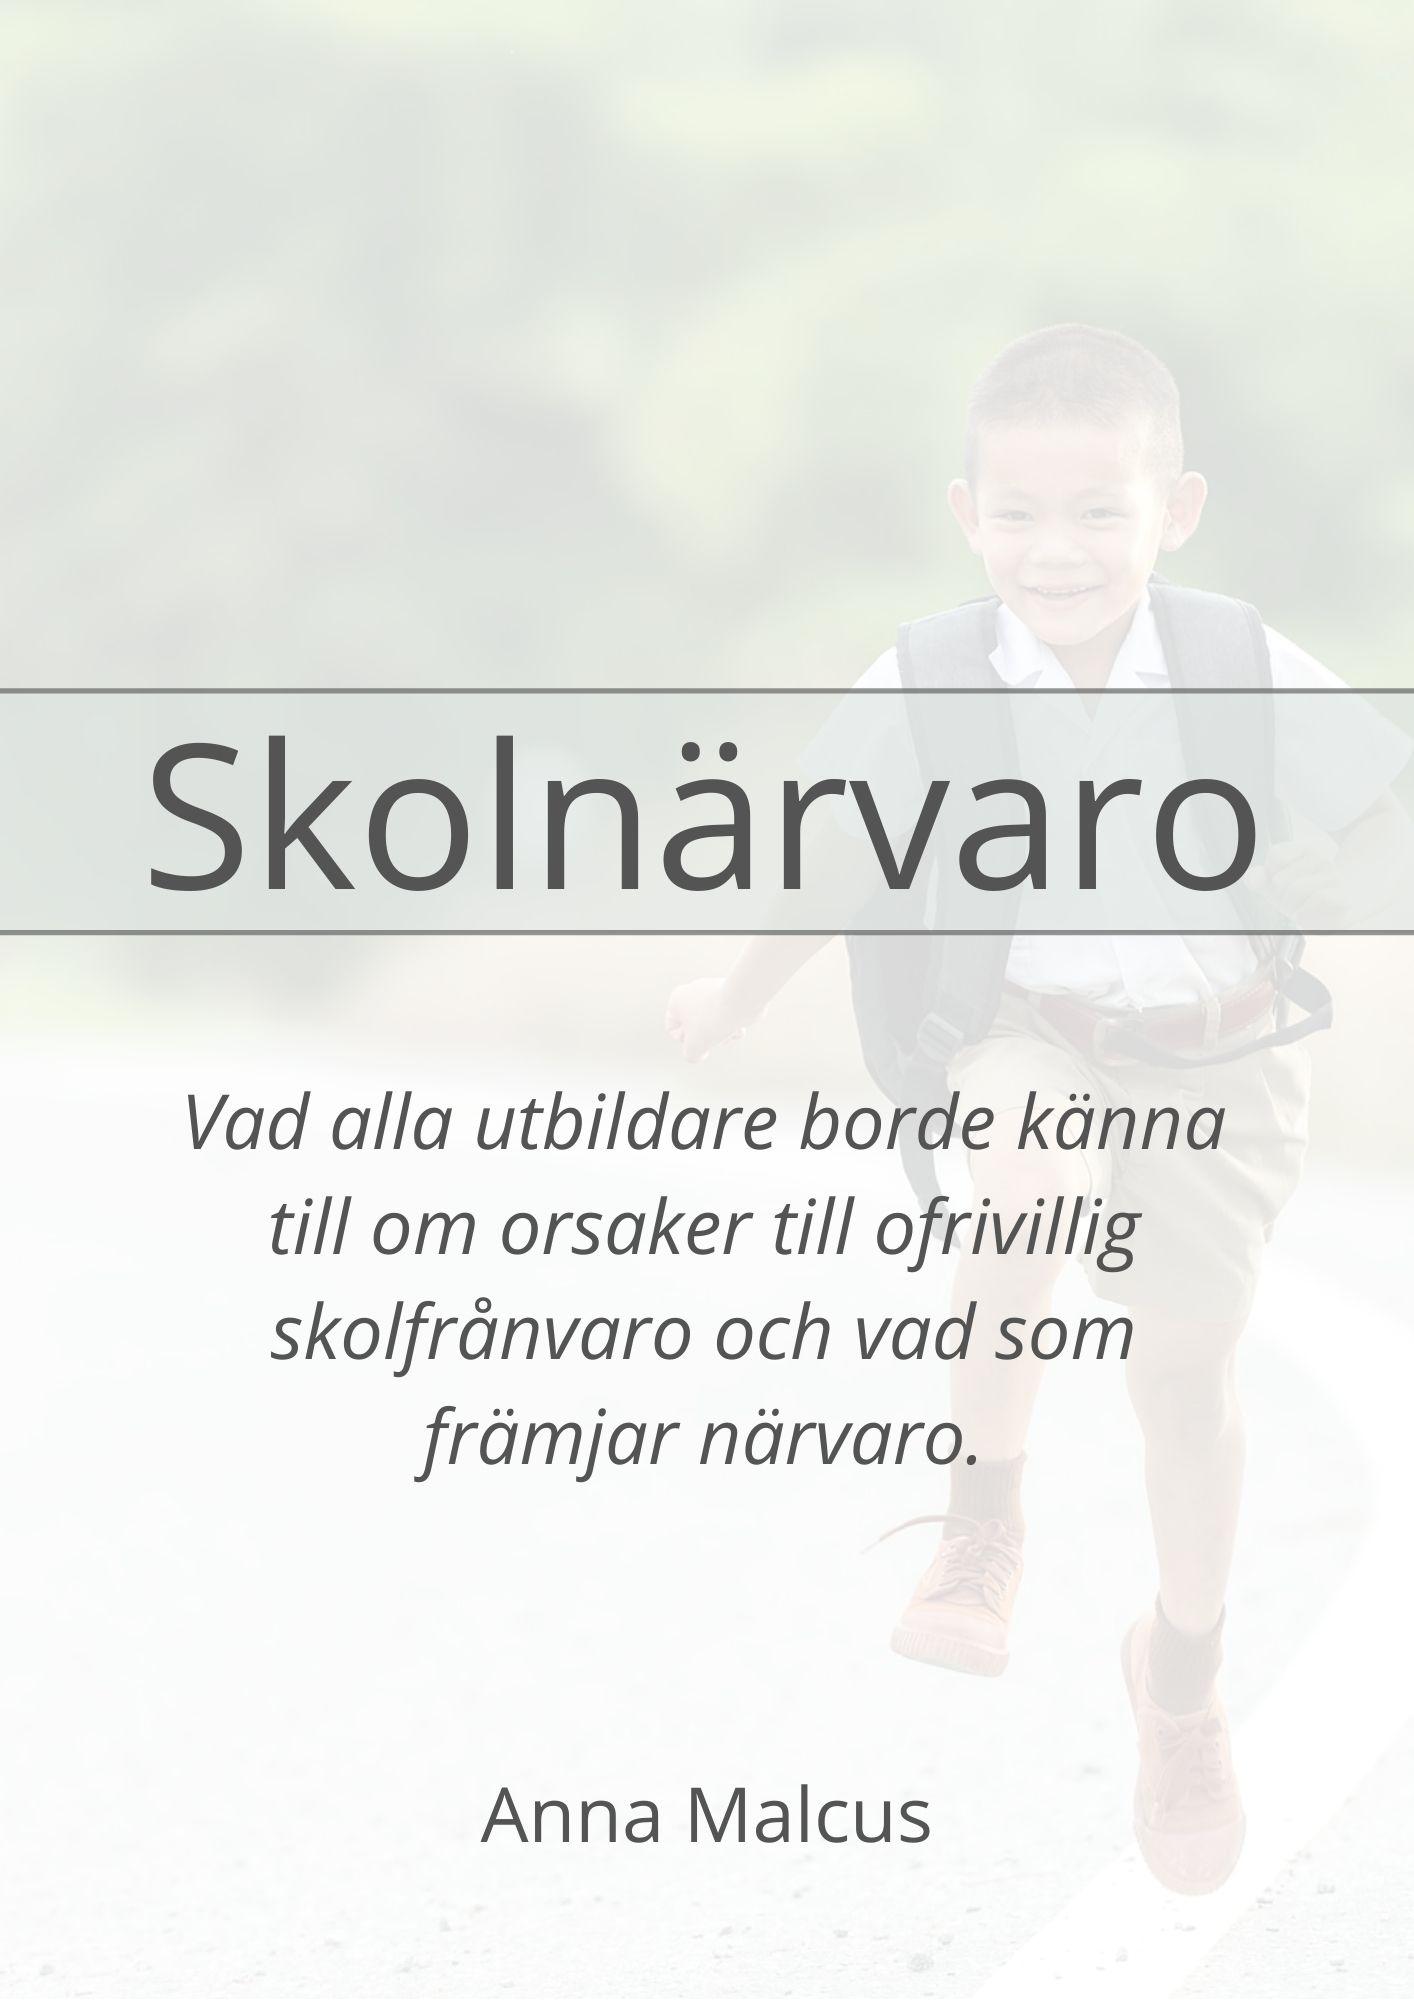 Framsidan på broschyren Skolnärvaro. Den transparanta bilden visar en glad pojke som skuttar framåt vägen med en ryggsäck på ryggen.